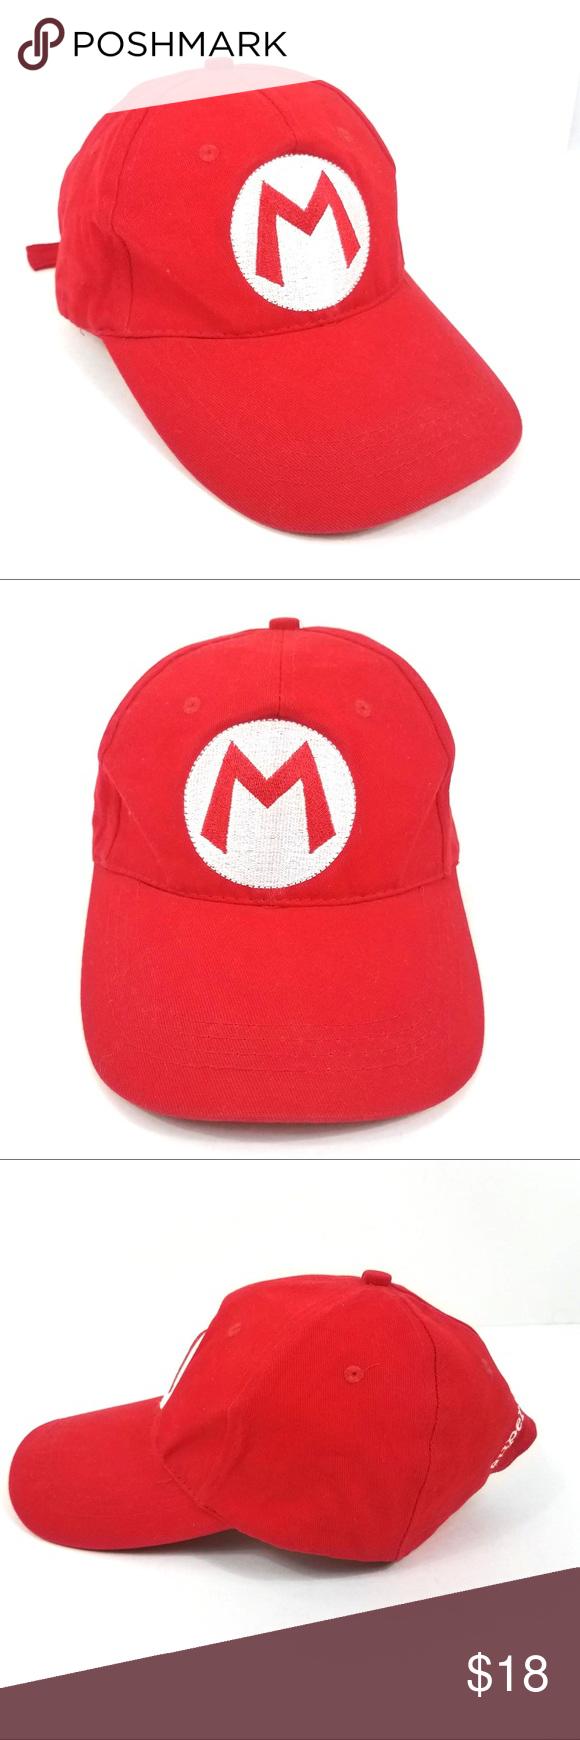 Super Mario Bros Red Adjustable Hat Cap Unisex Adjustable Hat Super Mario Bros Unisex